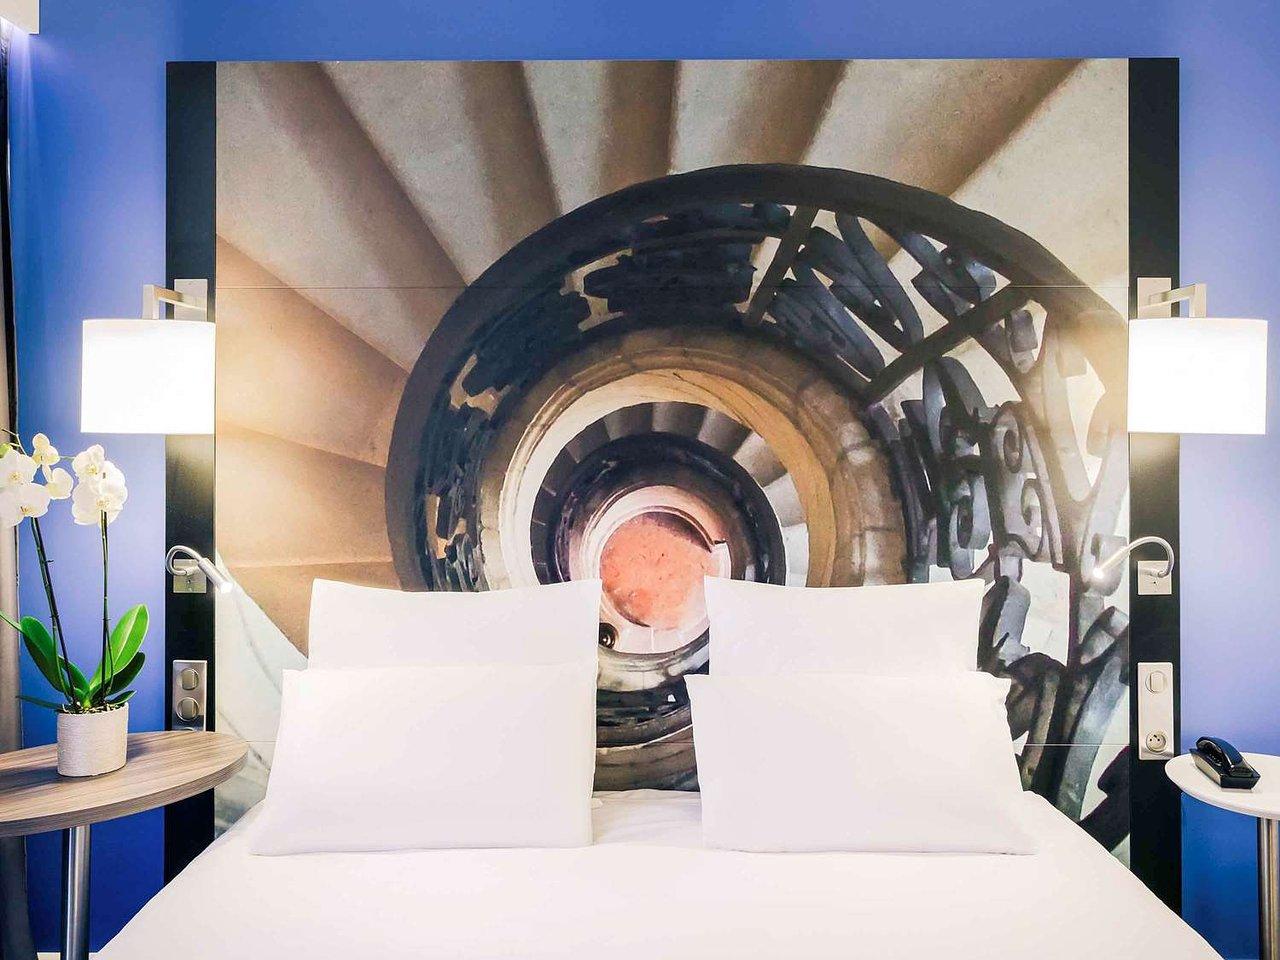 Les Petits Plats Du Bourbon Bourges hotel de bourbon mercure de bourges $111 ($̶1̶2̶6̶) - prices